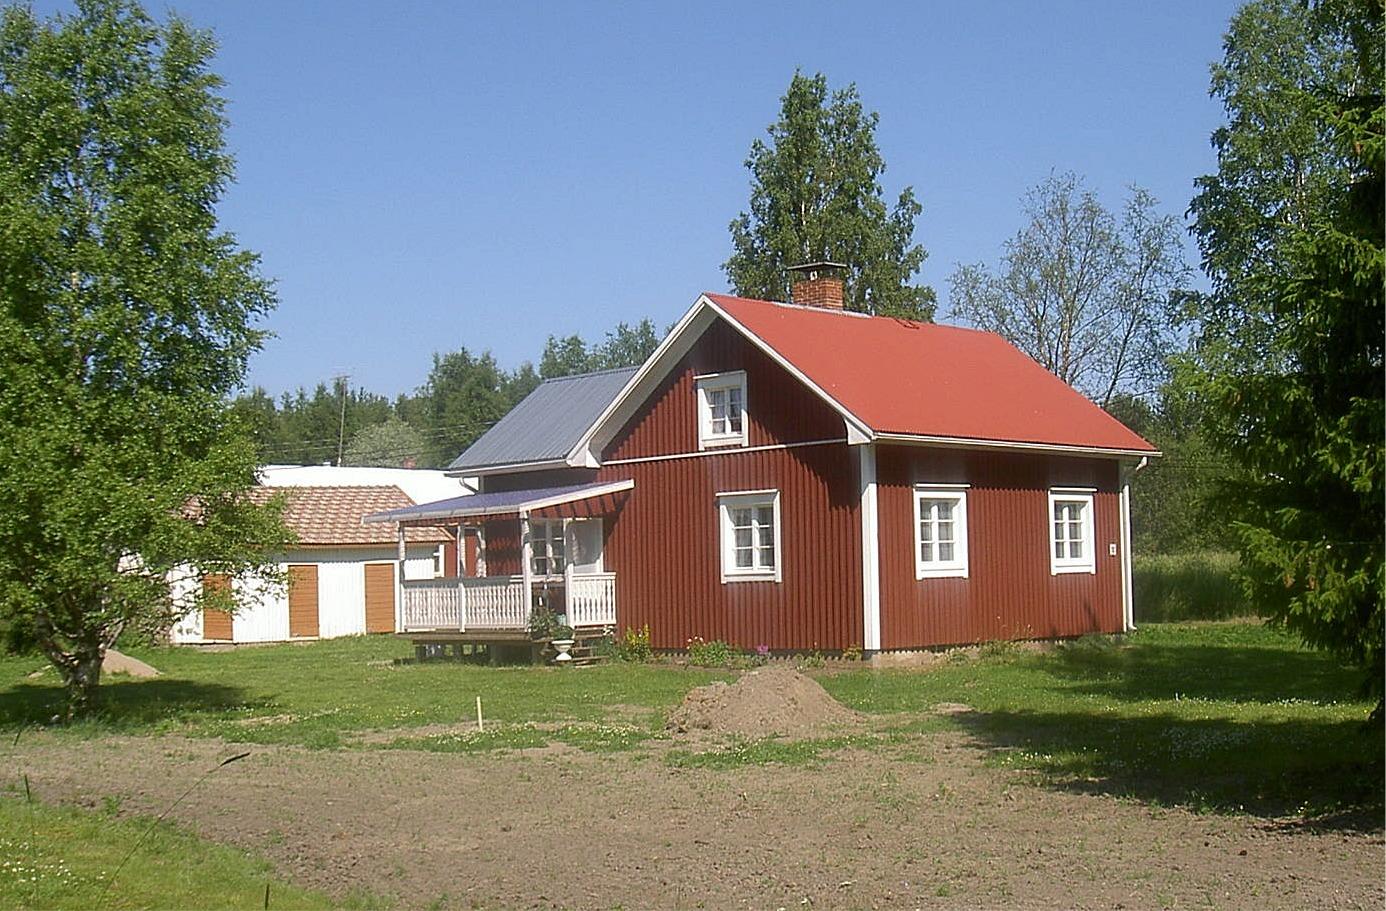 Den nuvarande ägaren till Elin Rosenbacks hus har byggt ut och renoverat den, så att den år 2005 såg ut så här.